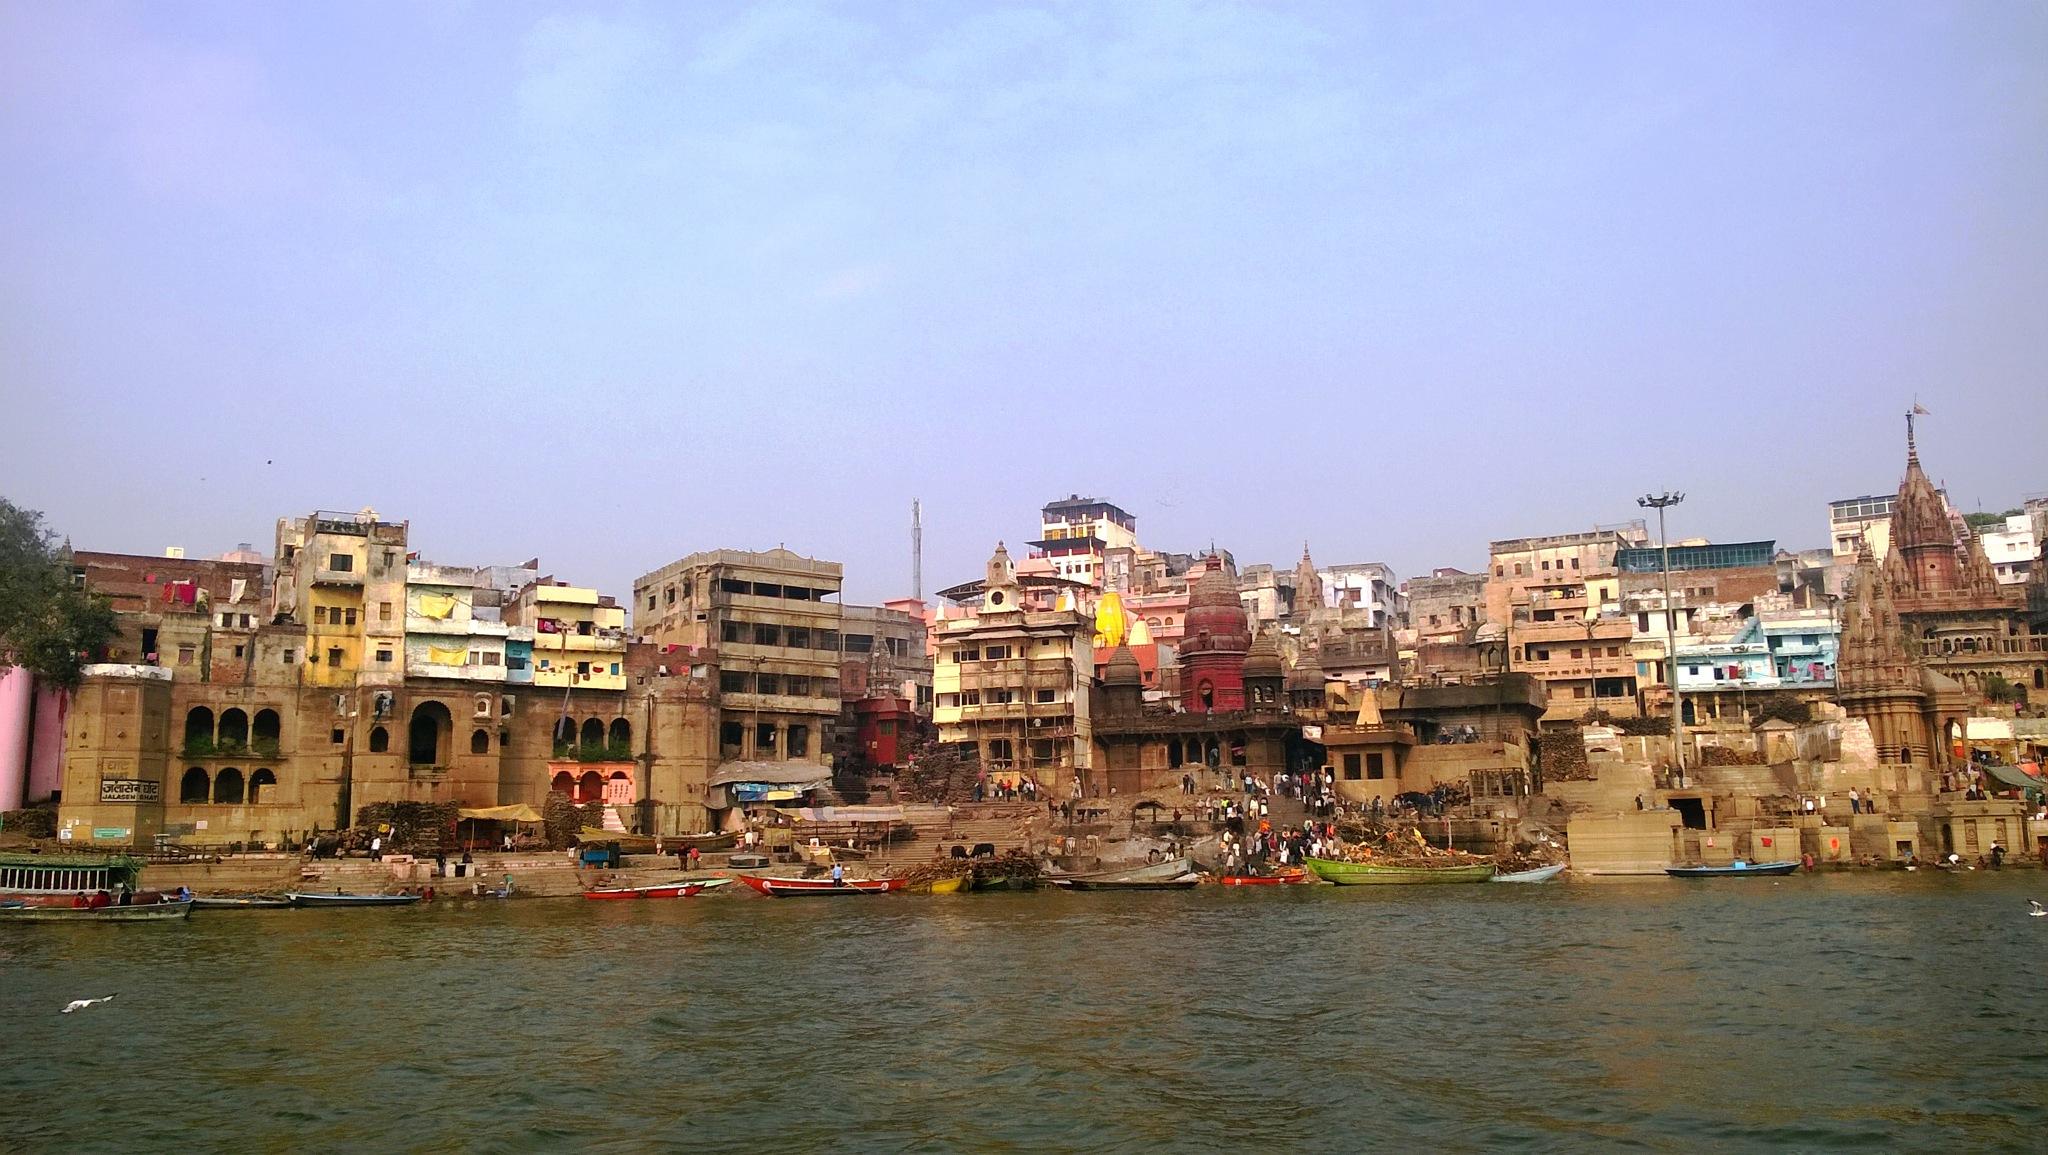 Incredible Benaras /6 by Suresh Tewari